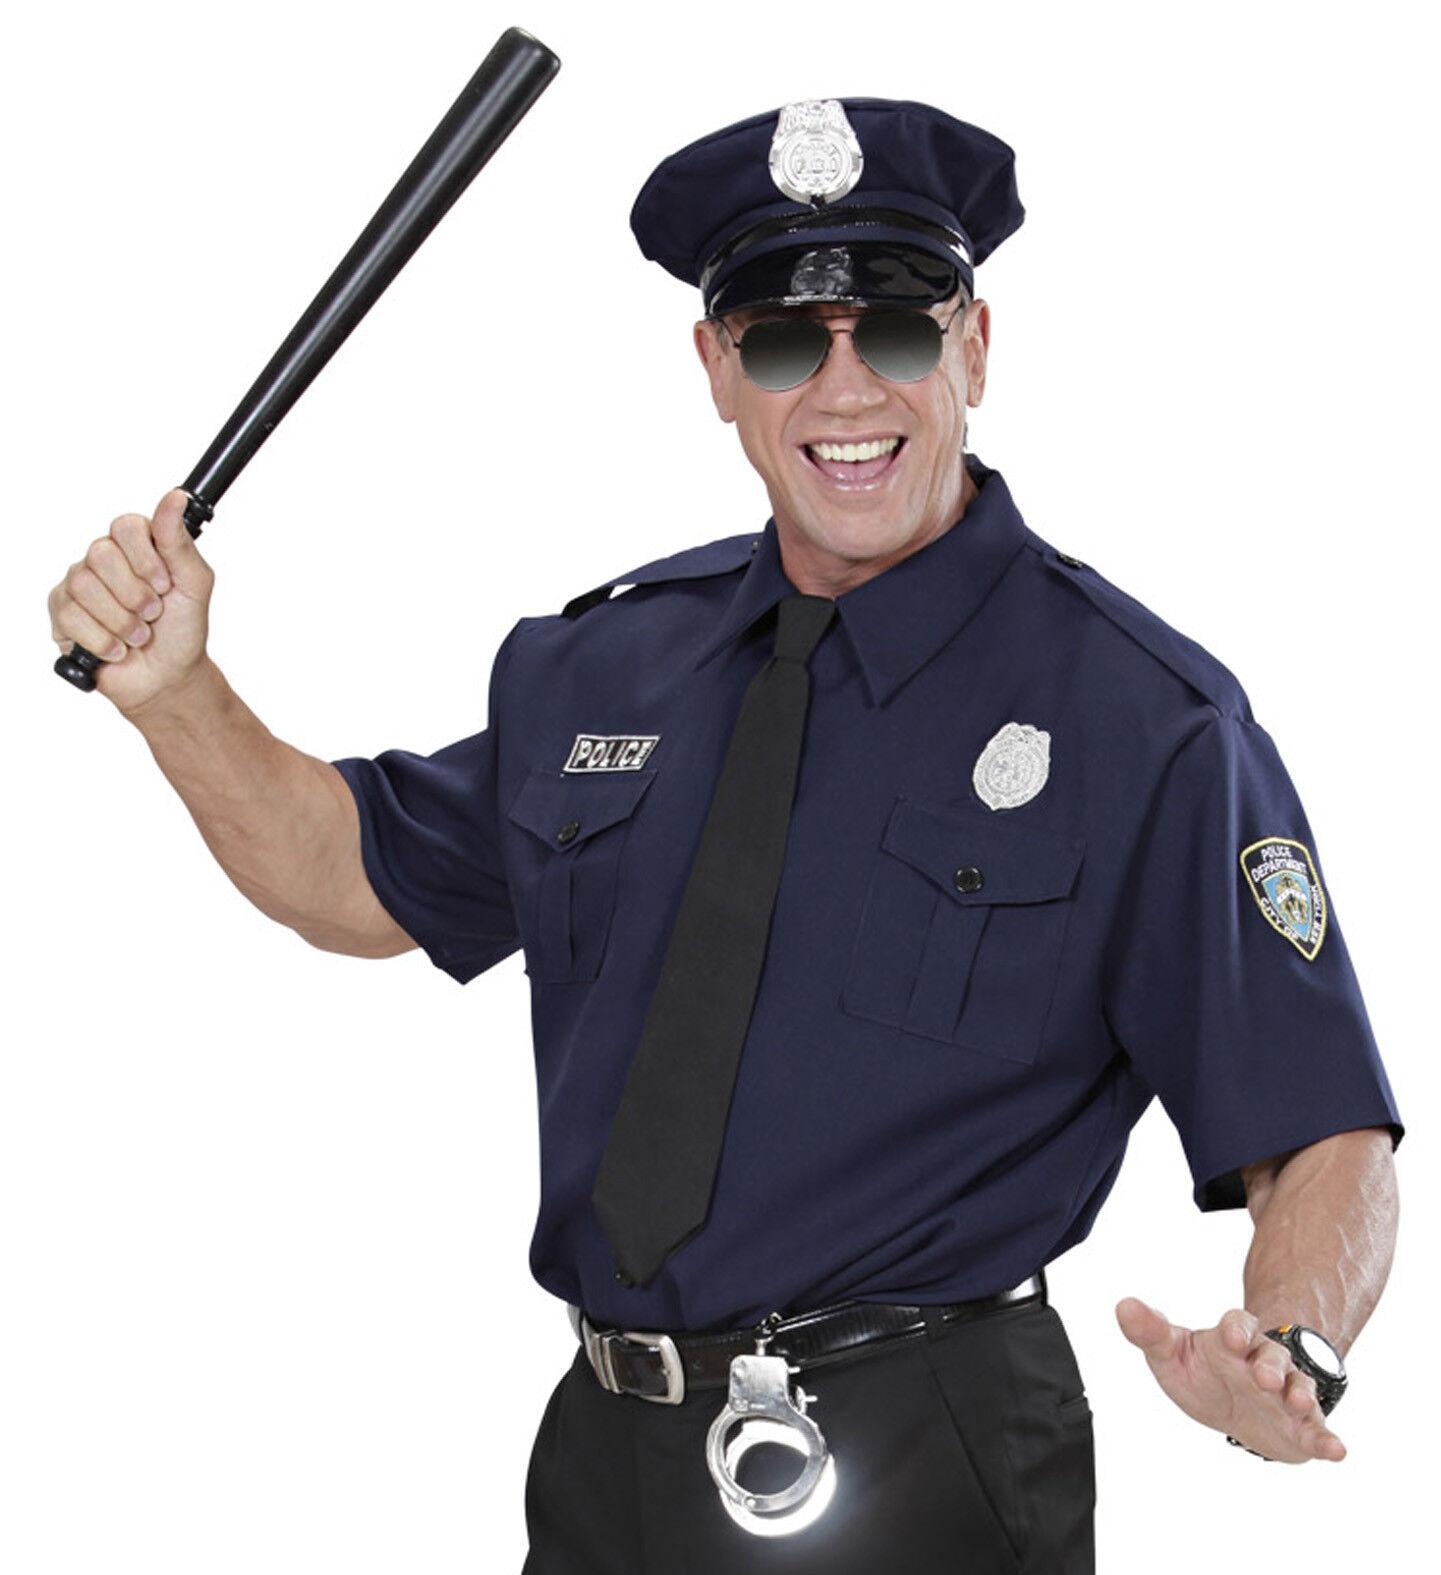 Polizist Herren Kostüm - Polizei Uniform Hemd&Hut&Krawatte Karneval Fasching,(K)